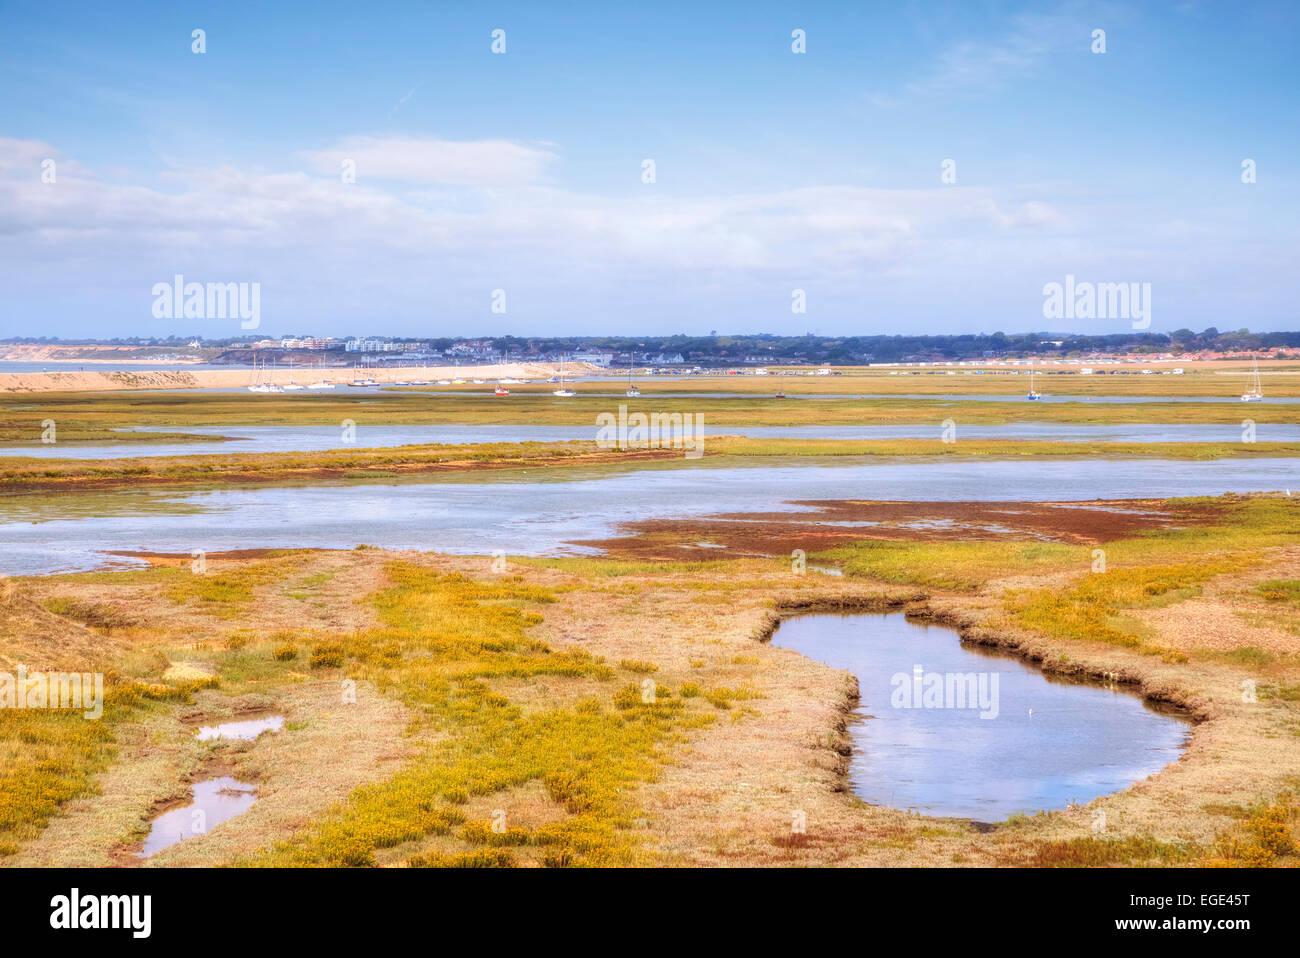 Hurst salt marsh, Hamsphire, England, United Kingdom - Stock Image